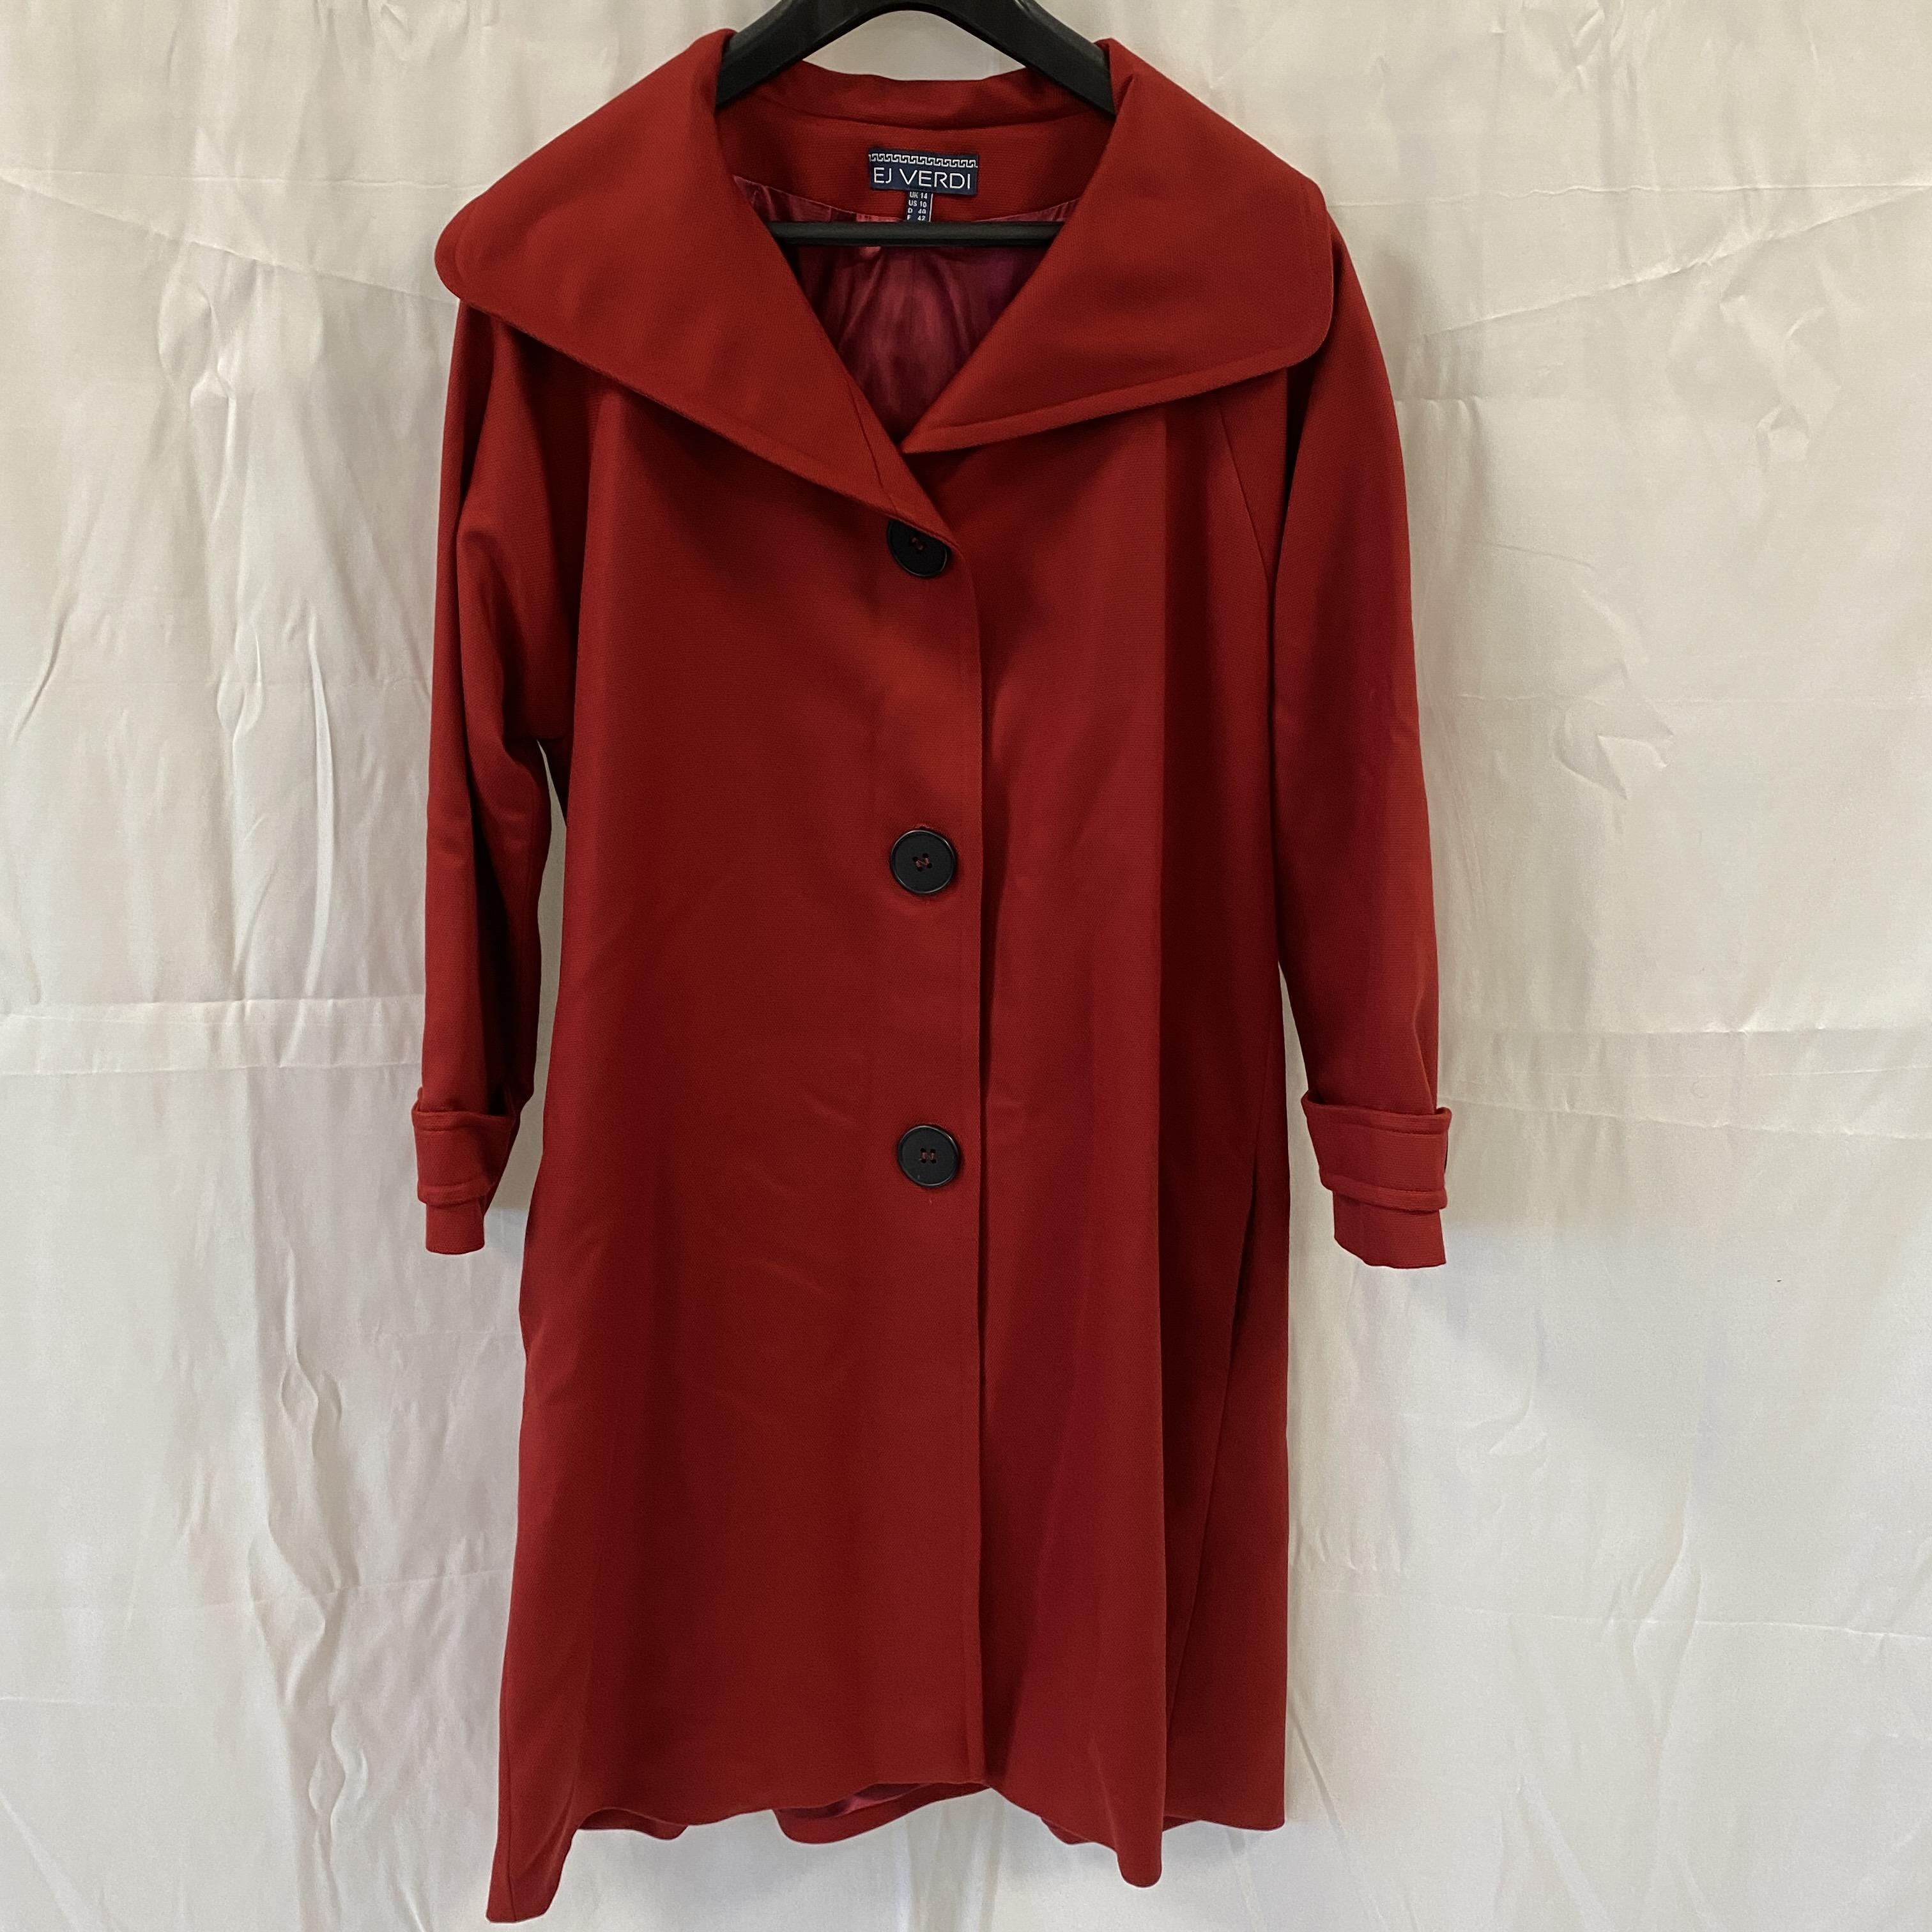 EJ Verdi Red Trench Coat - Size 14